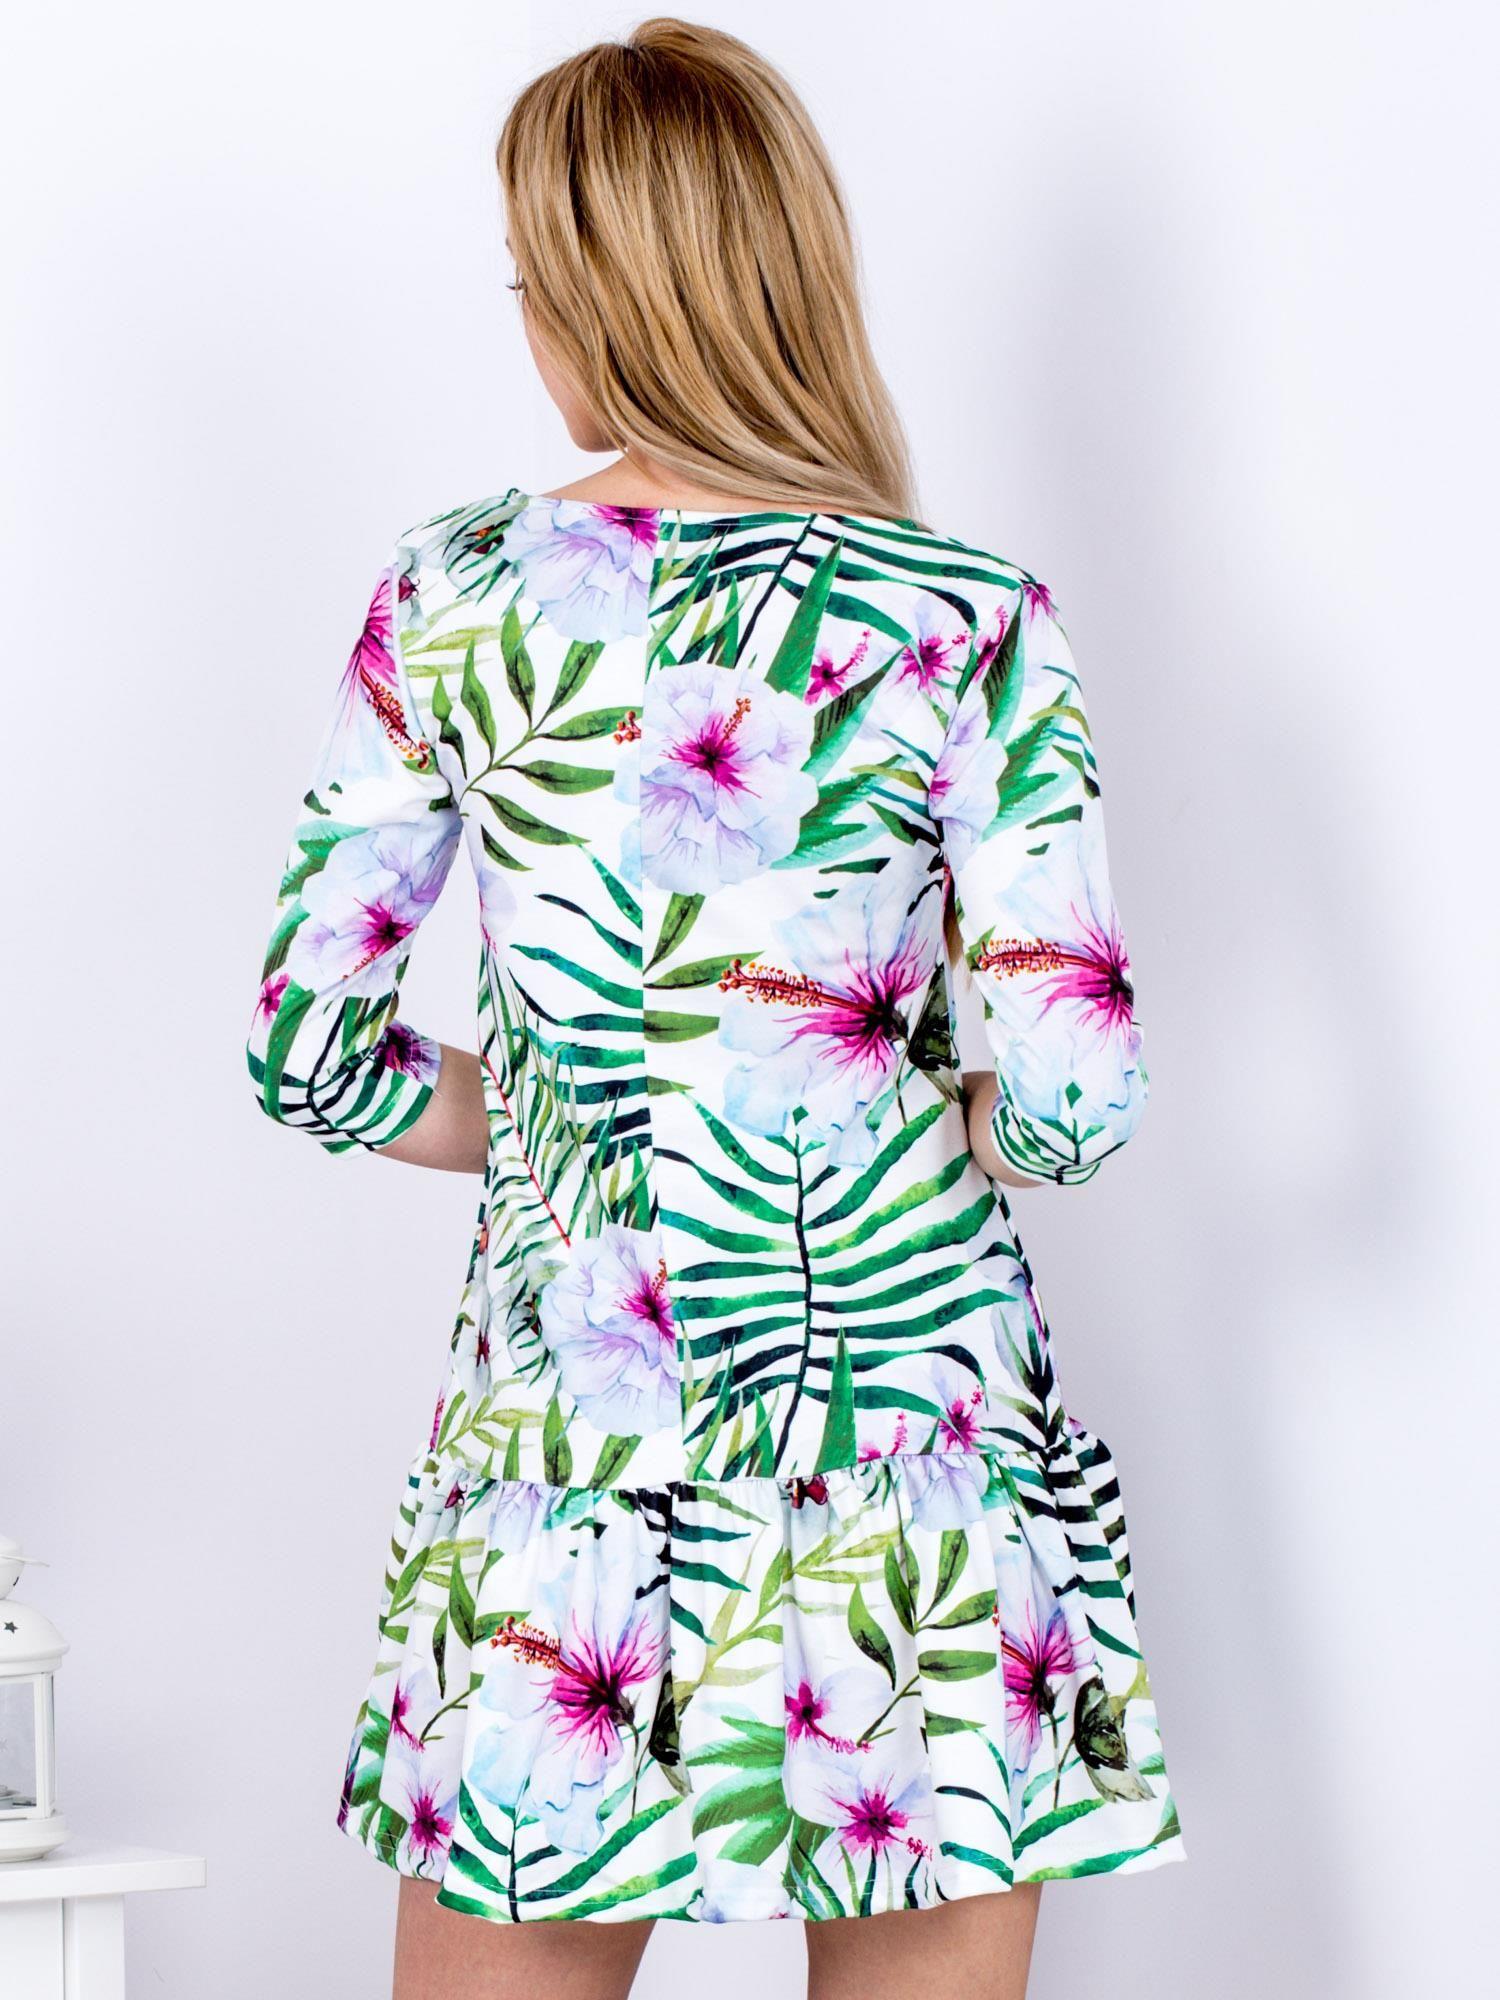 c81d70f6d6 Biała sukienka w egzotyczne printy z falbaną - Sukienka z falbaną - sklep  eButik.pl